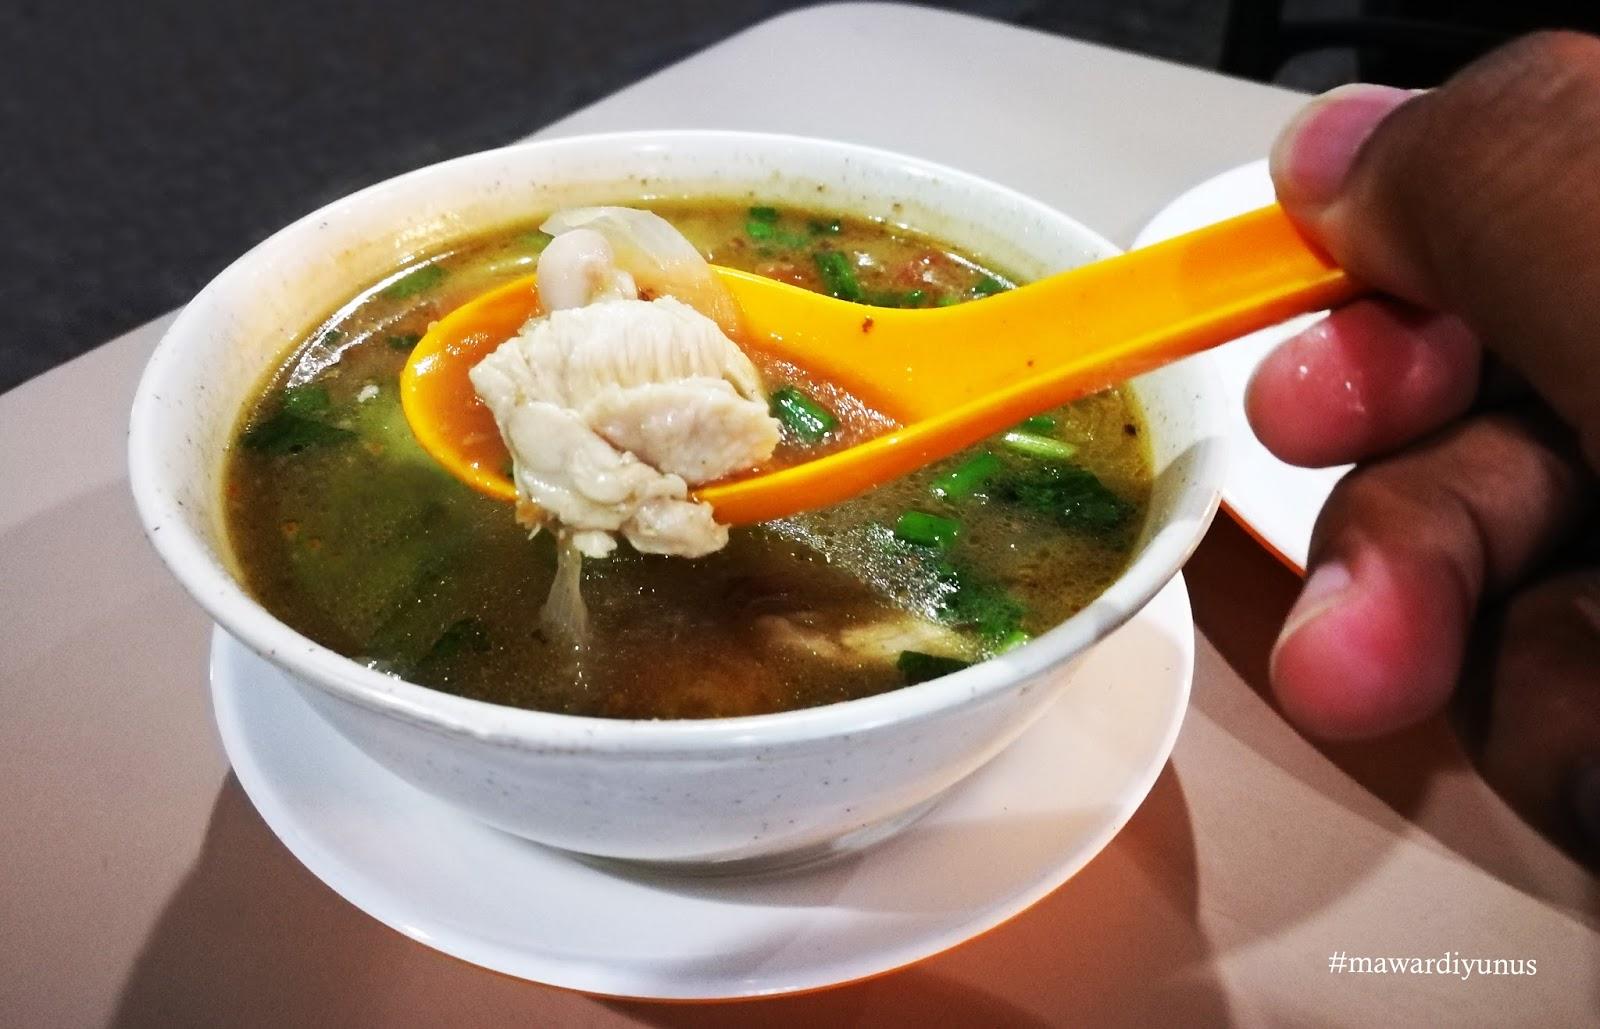 Makanan Secara Amnya Di Cipta Untuk Memuaskan Nafsu Lapar Supaya Dapat Mengisi Perut Agar Terisi Dan Kenyang Pada Setiap Bahan Yang